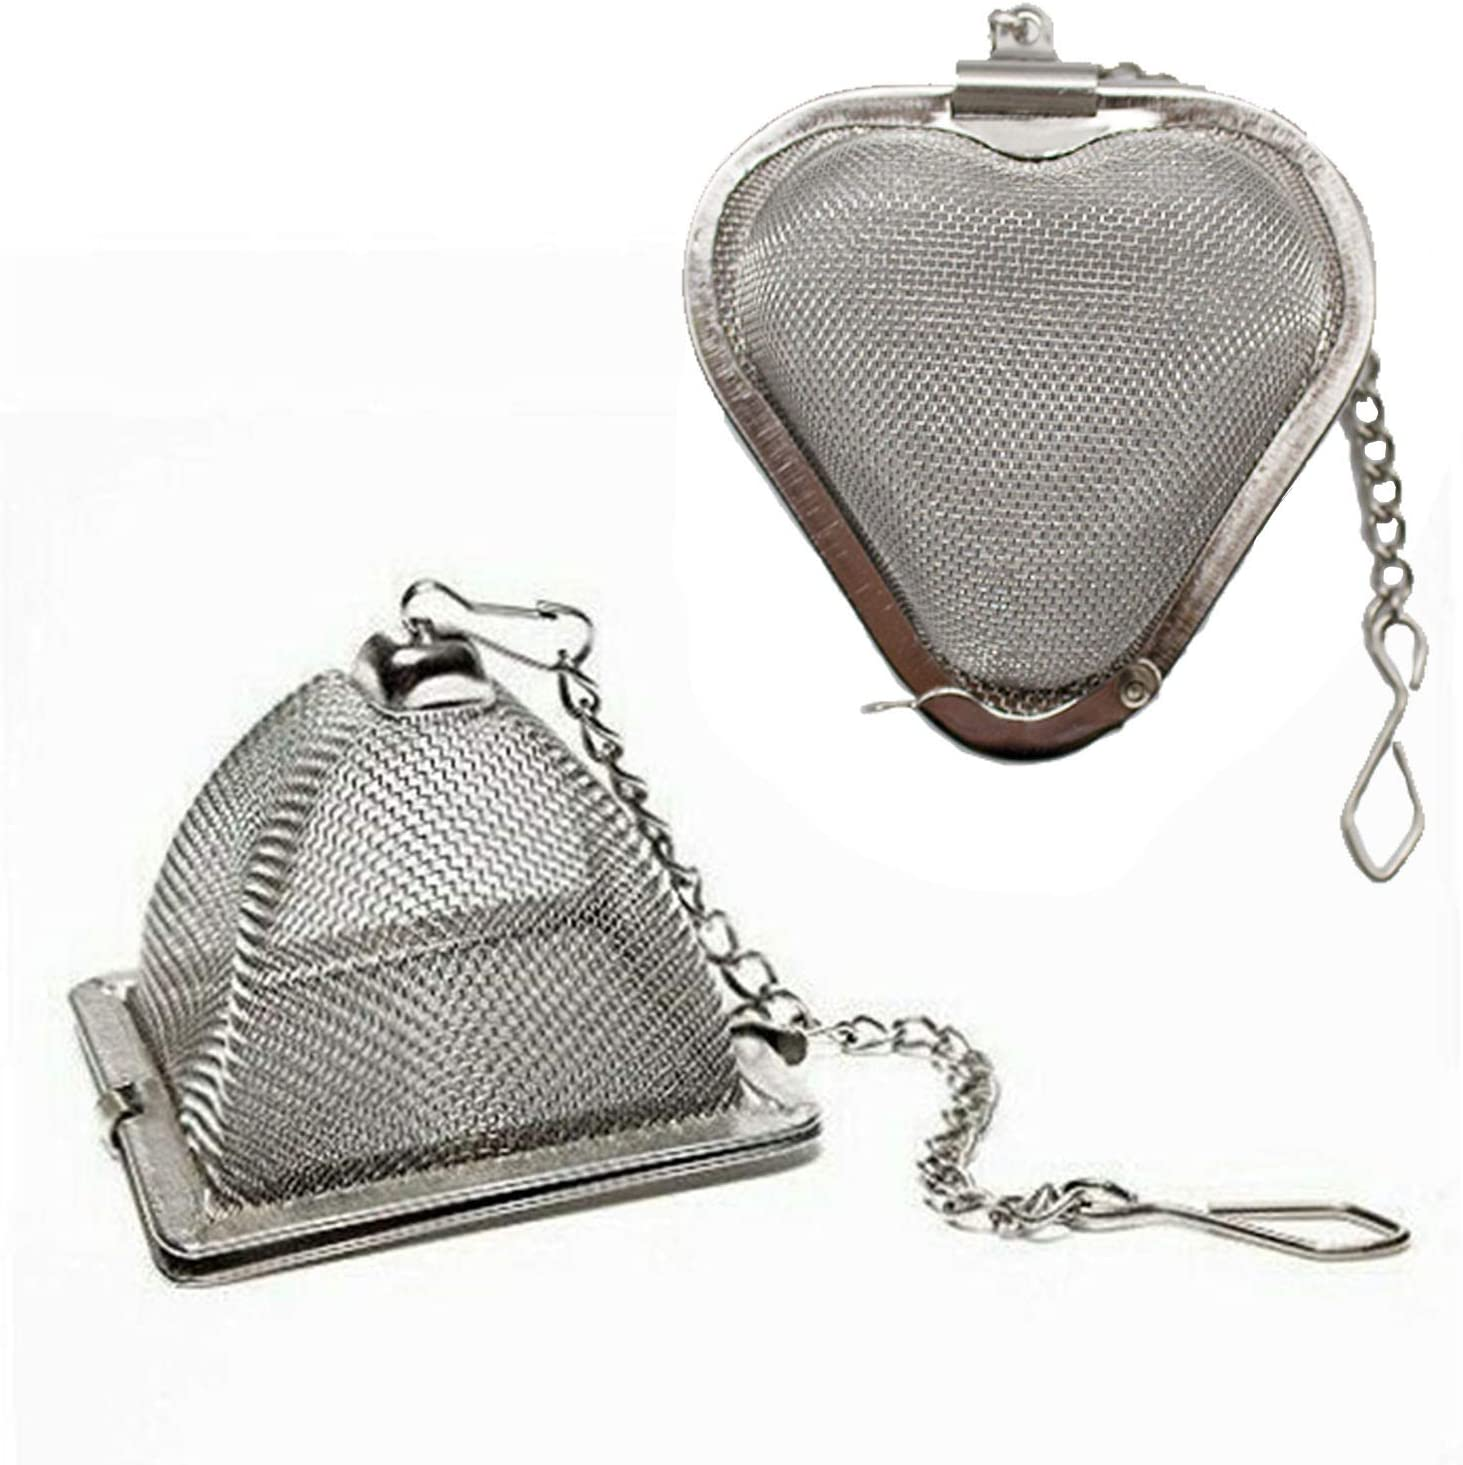 Steeped Tea Brand Pyramid Infuser Stainless Steel #9124   NIB